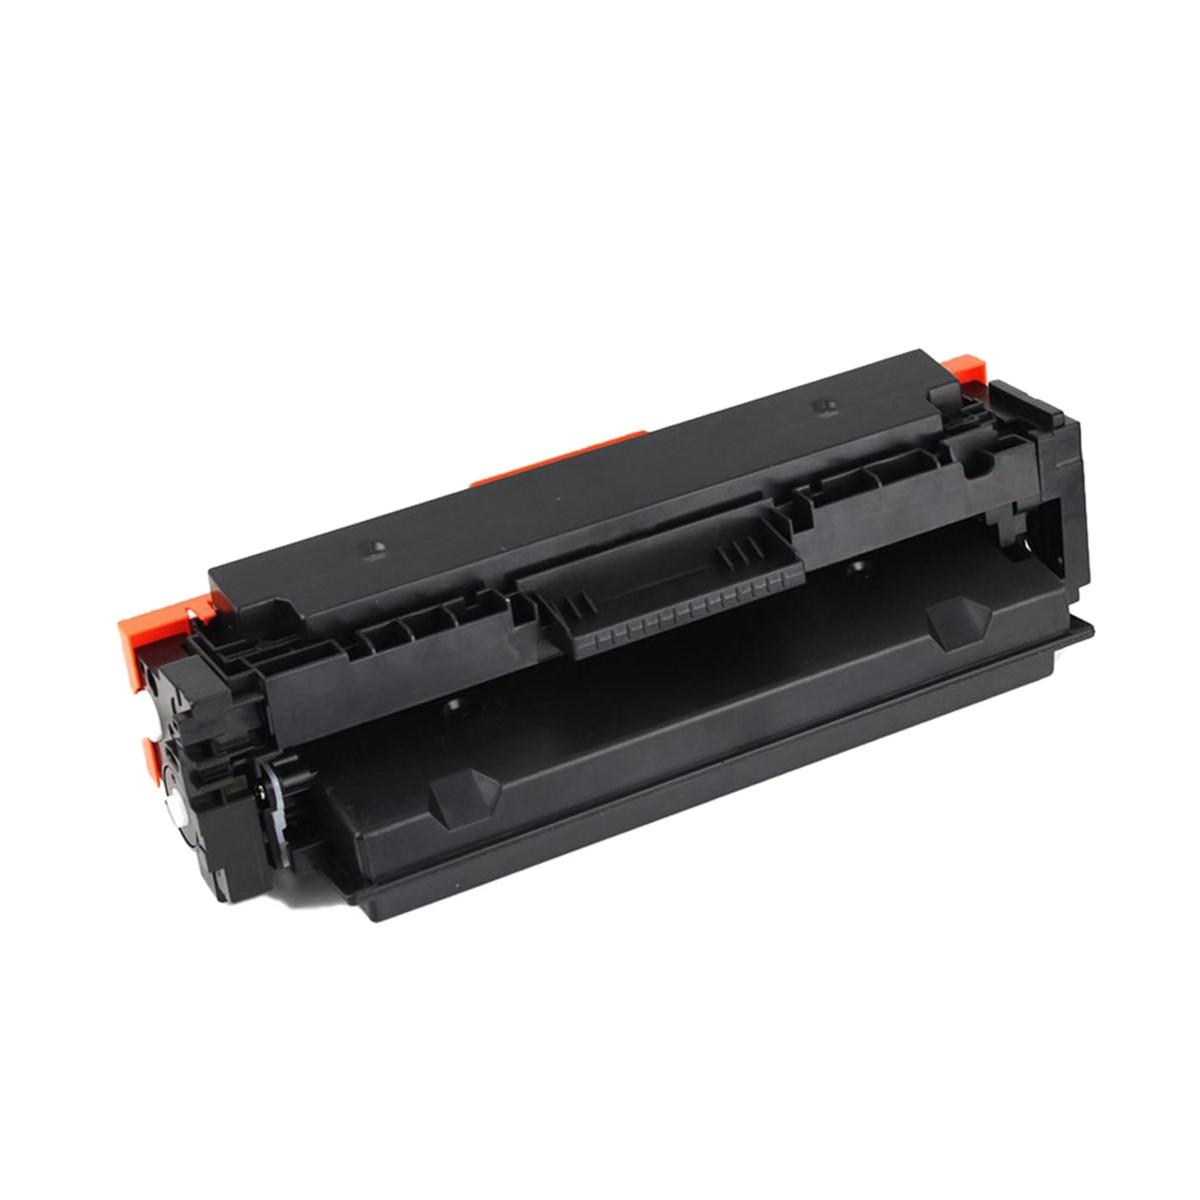 Toner Compatível com HP CF412A Amarelo | M452DW 452DN M477FDW M477FNW M477FDN | Importado 2.3k